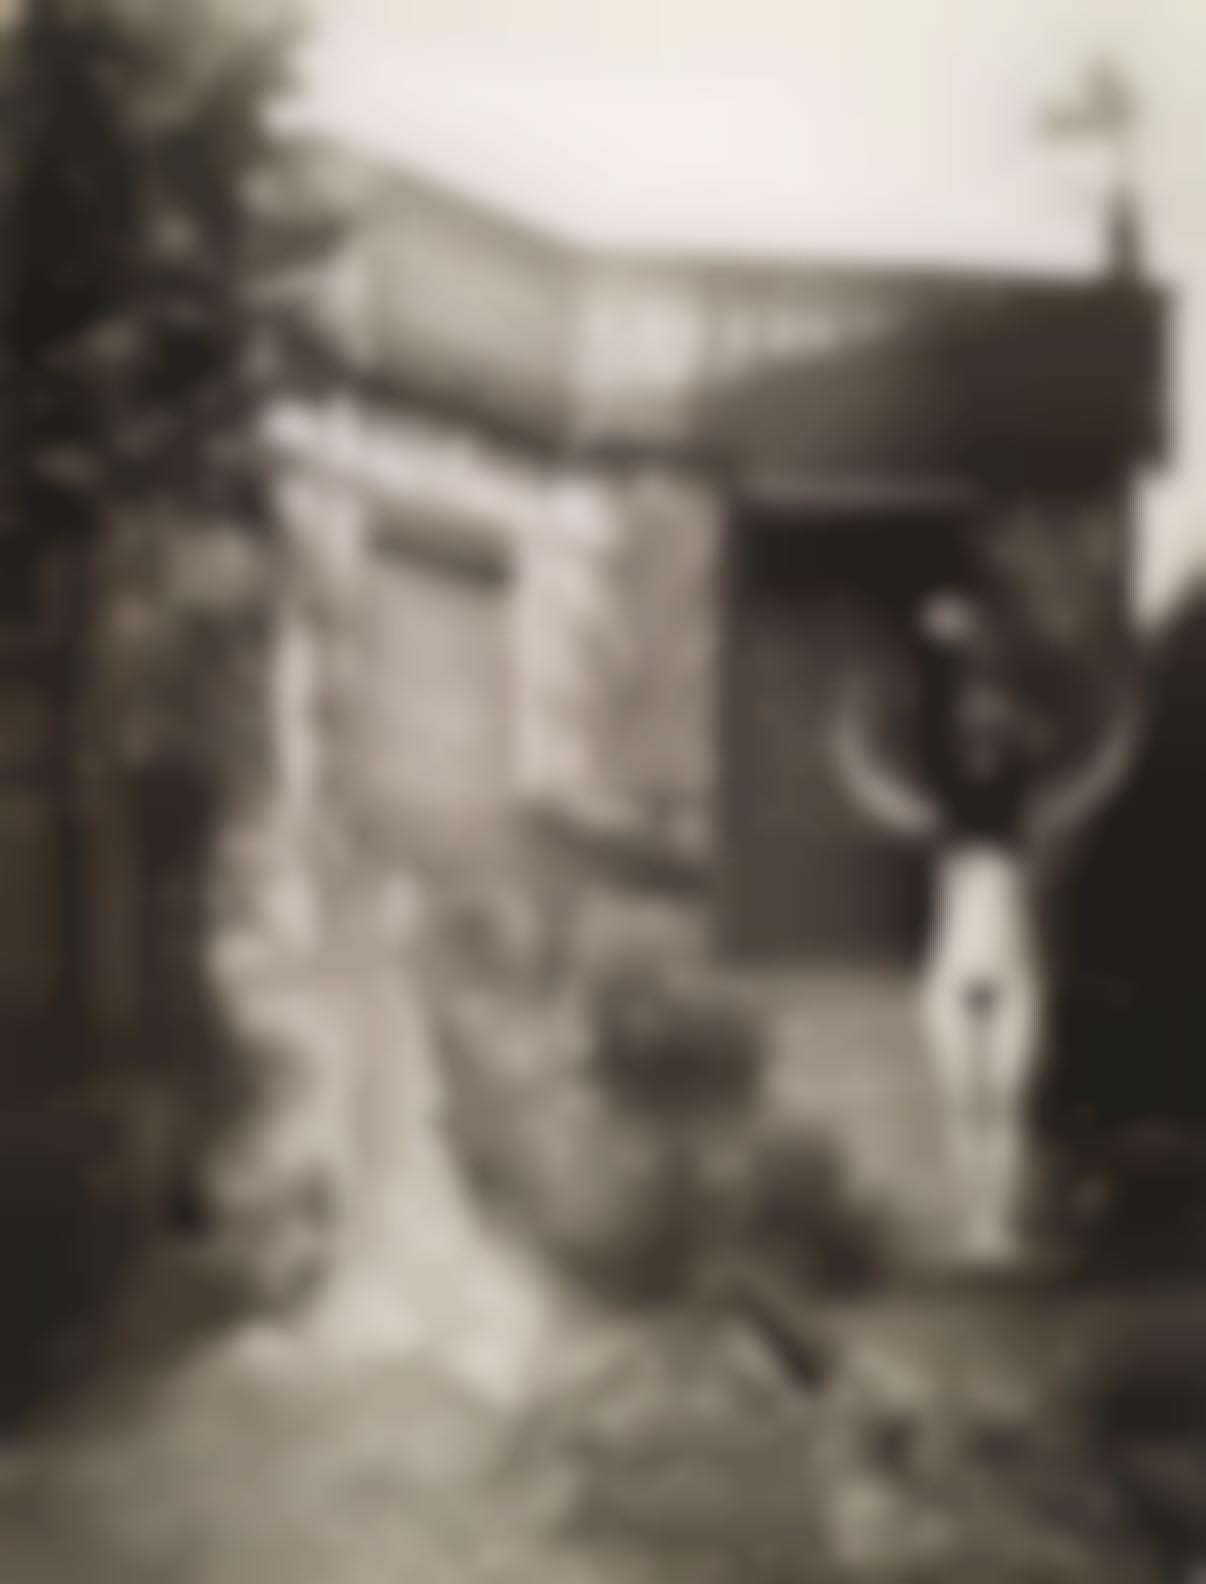 Dora Maar-Villa A Vendre-1936